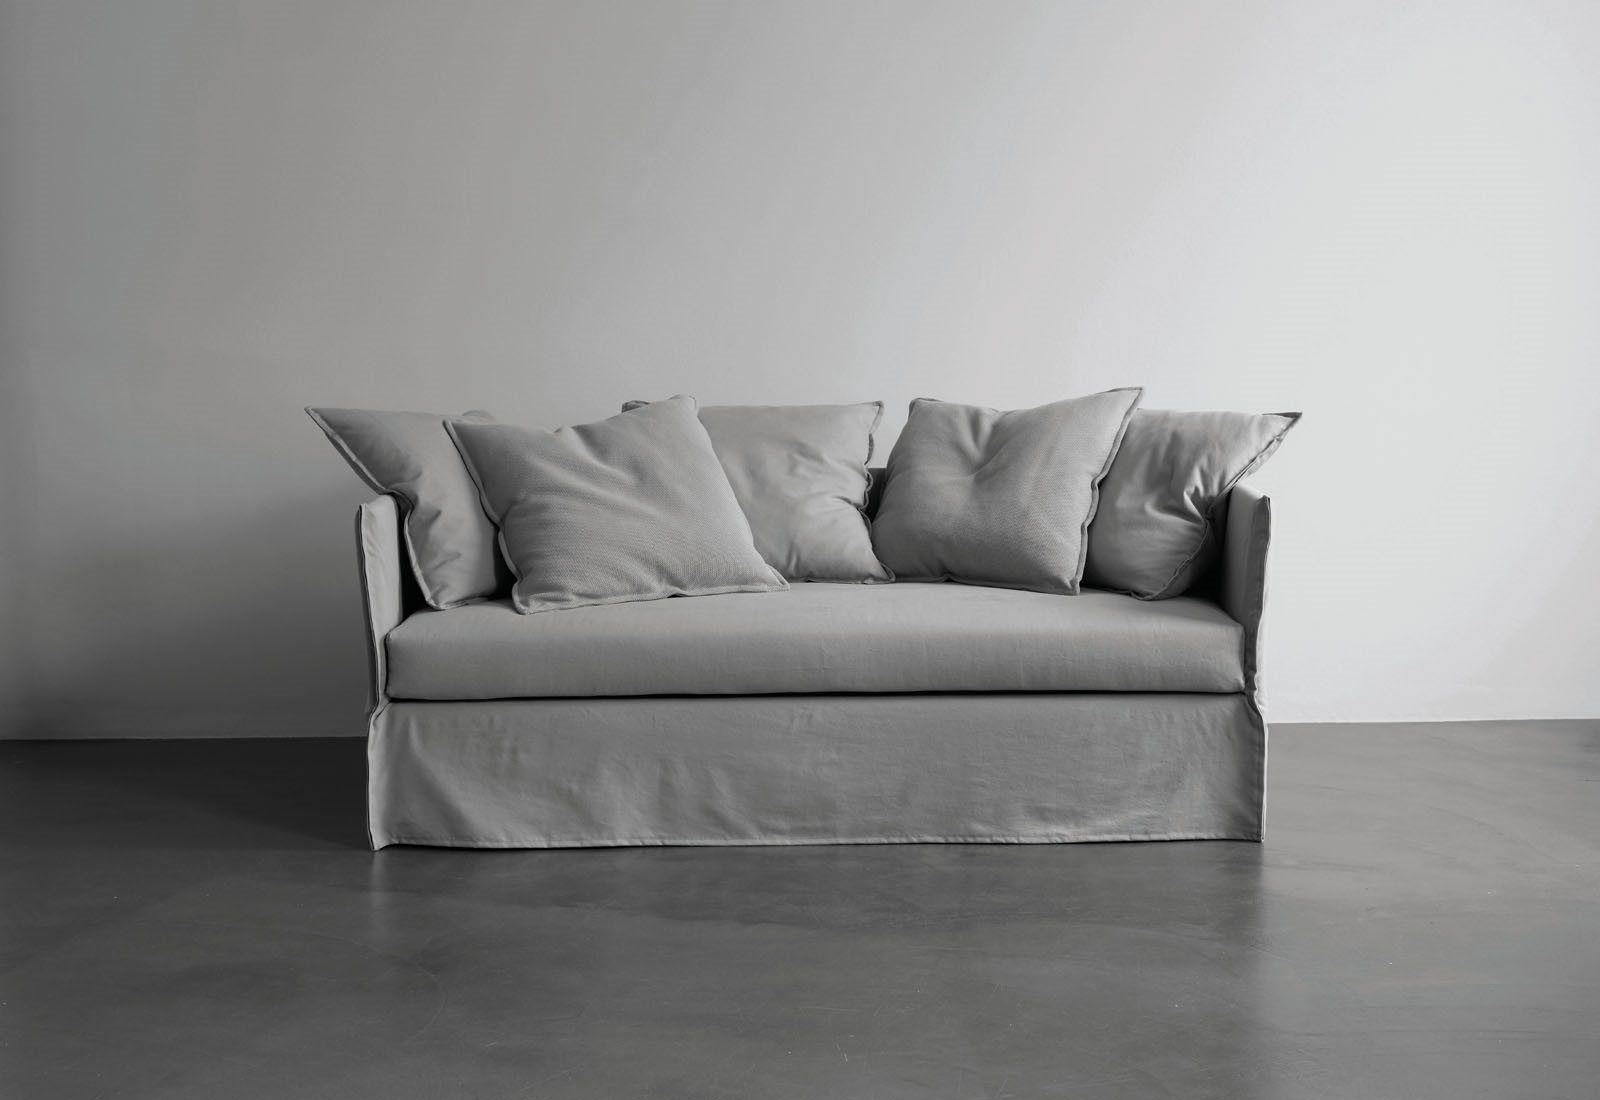 Double Bed Mobilier de salon, Chaise fauteuil